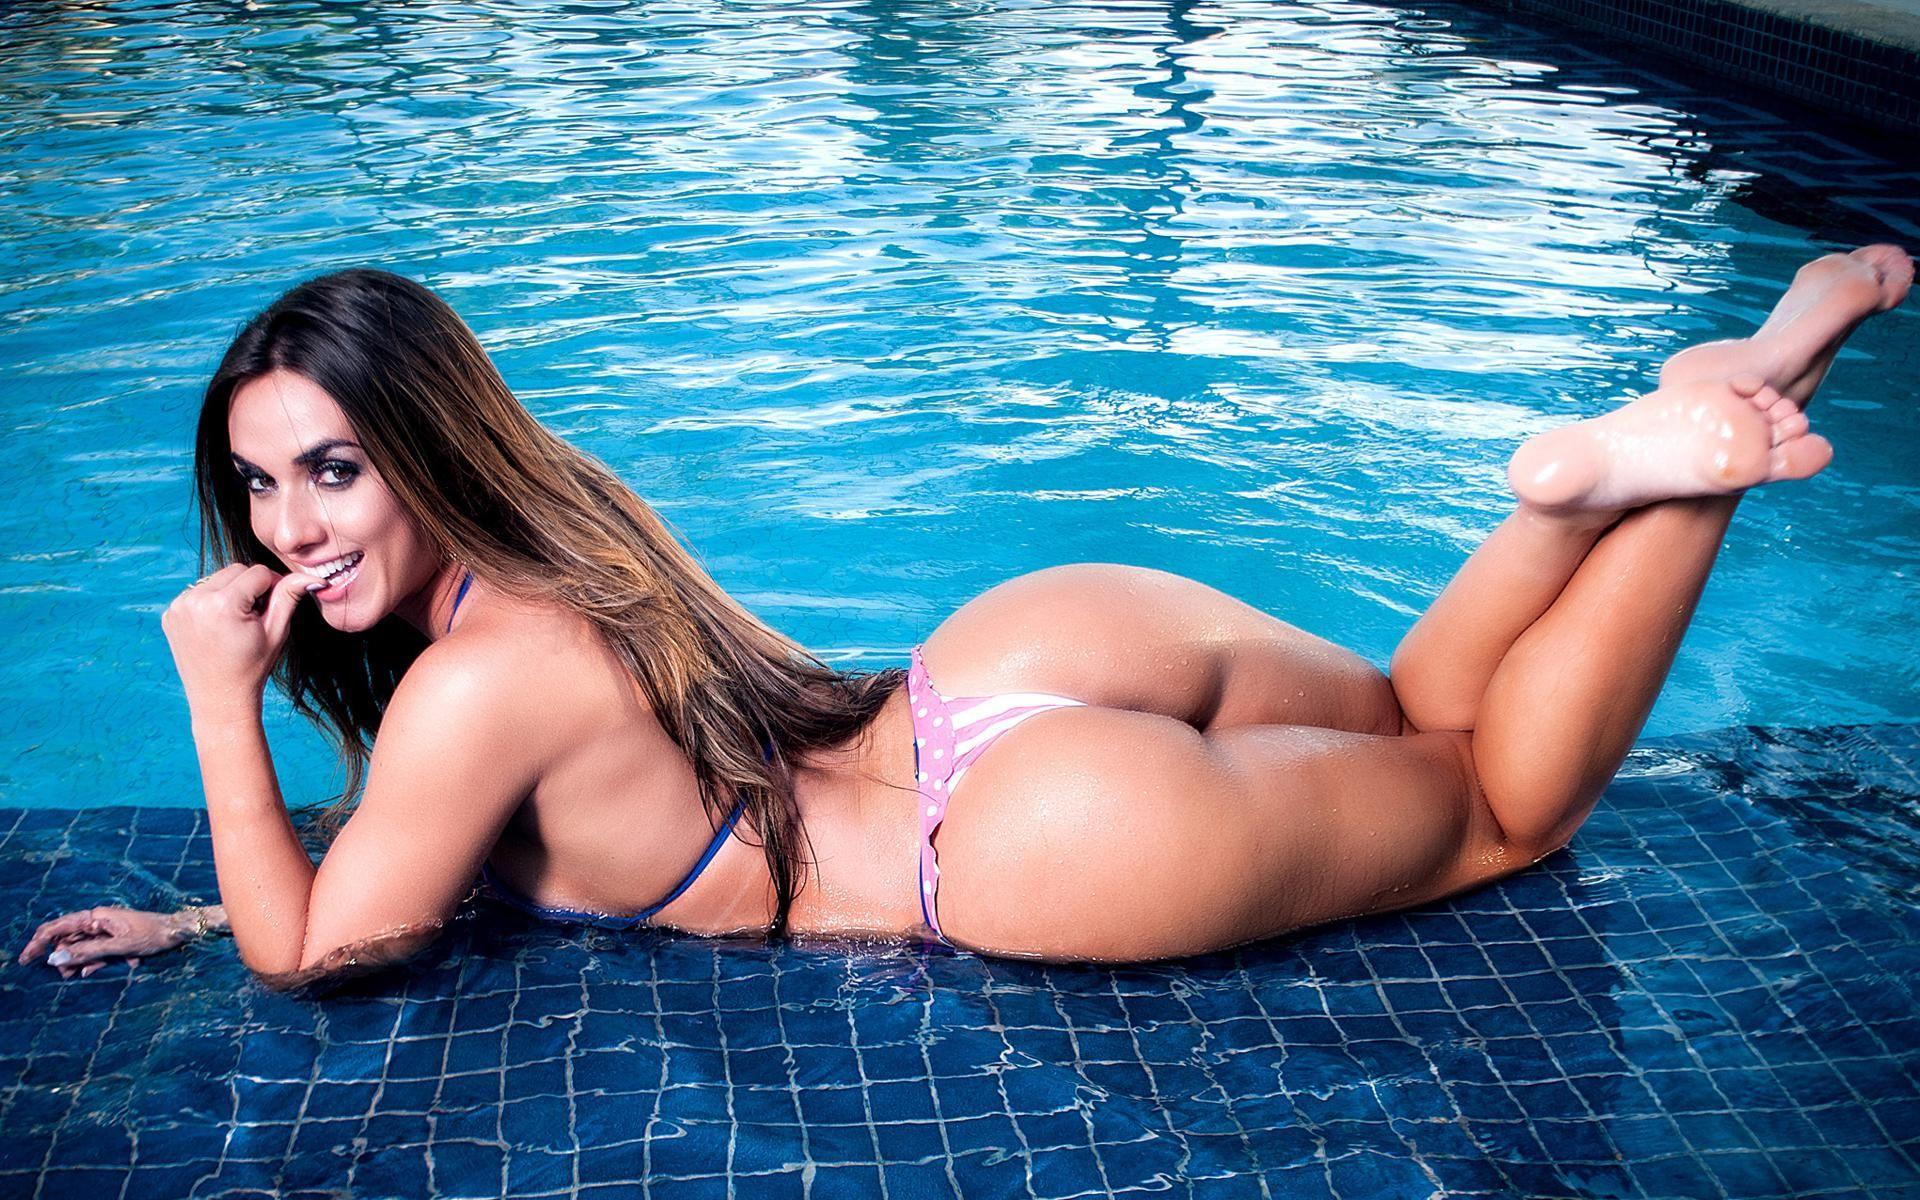 Nicole bahls hot — 11